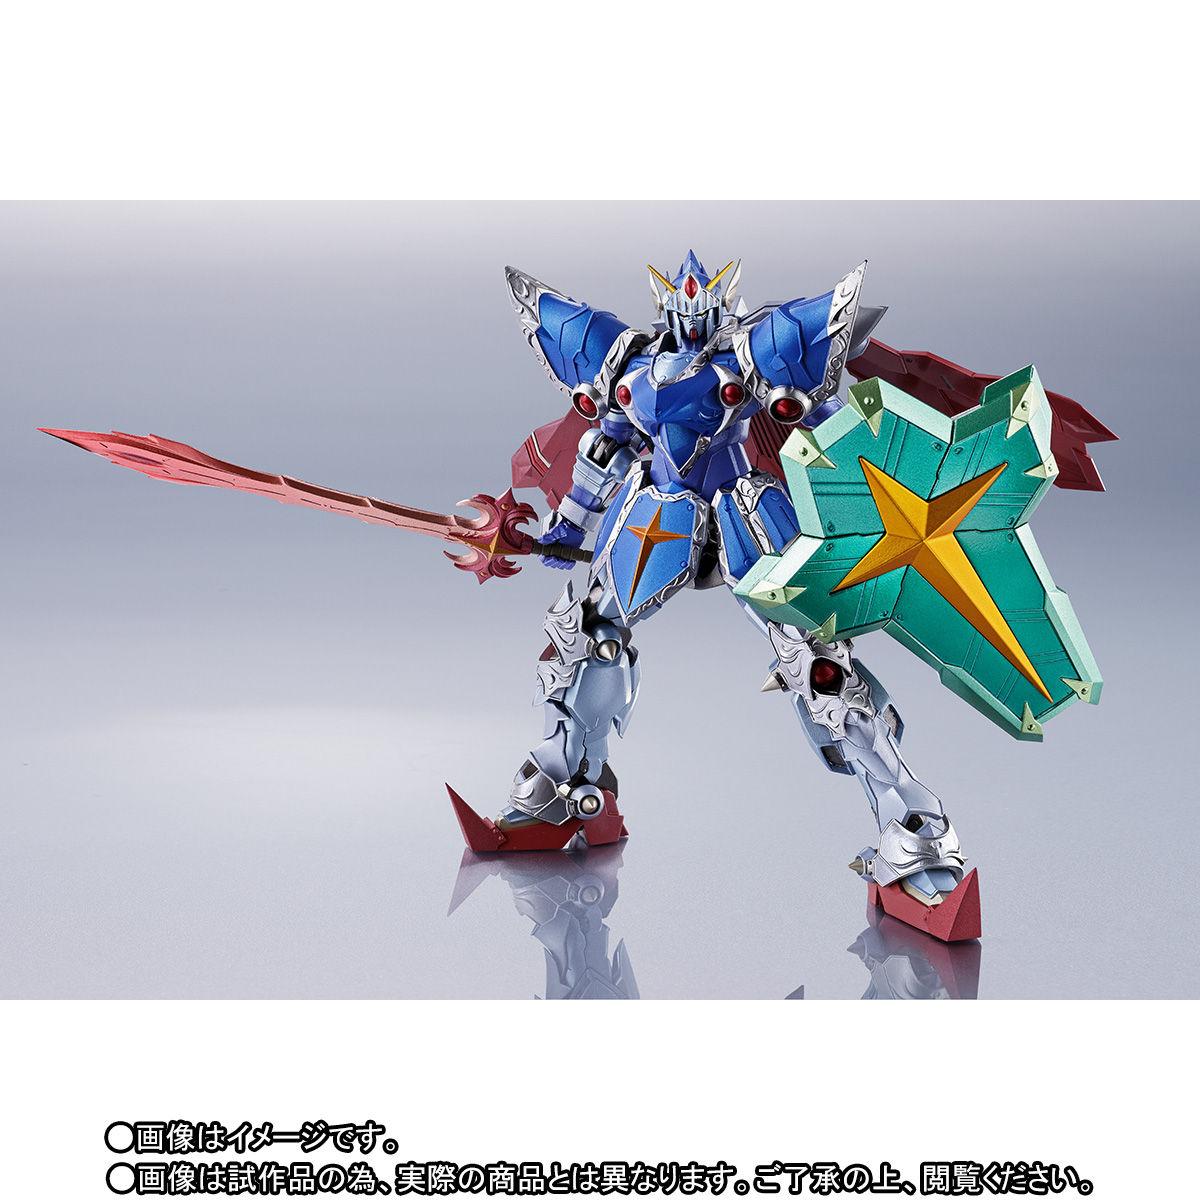 METAL ROBOT魂 〈SIDE MS〉『フルアーマー騎士ガンダム(リアルタイプver.)|SDガンダム外伝』可動フィギュア-002